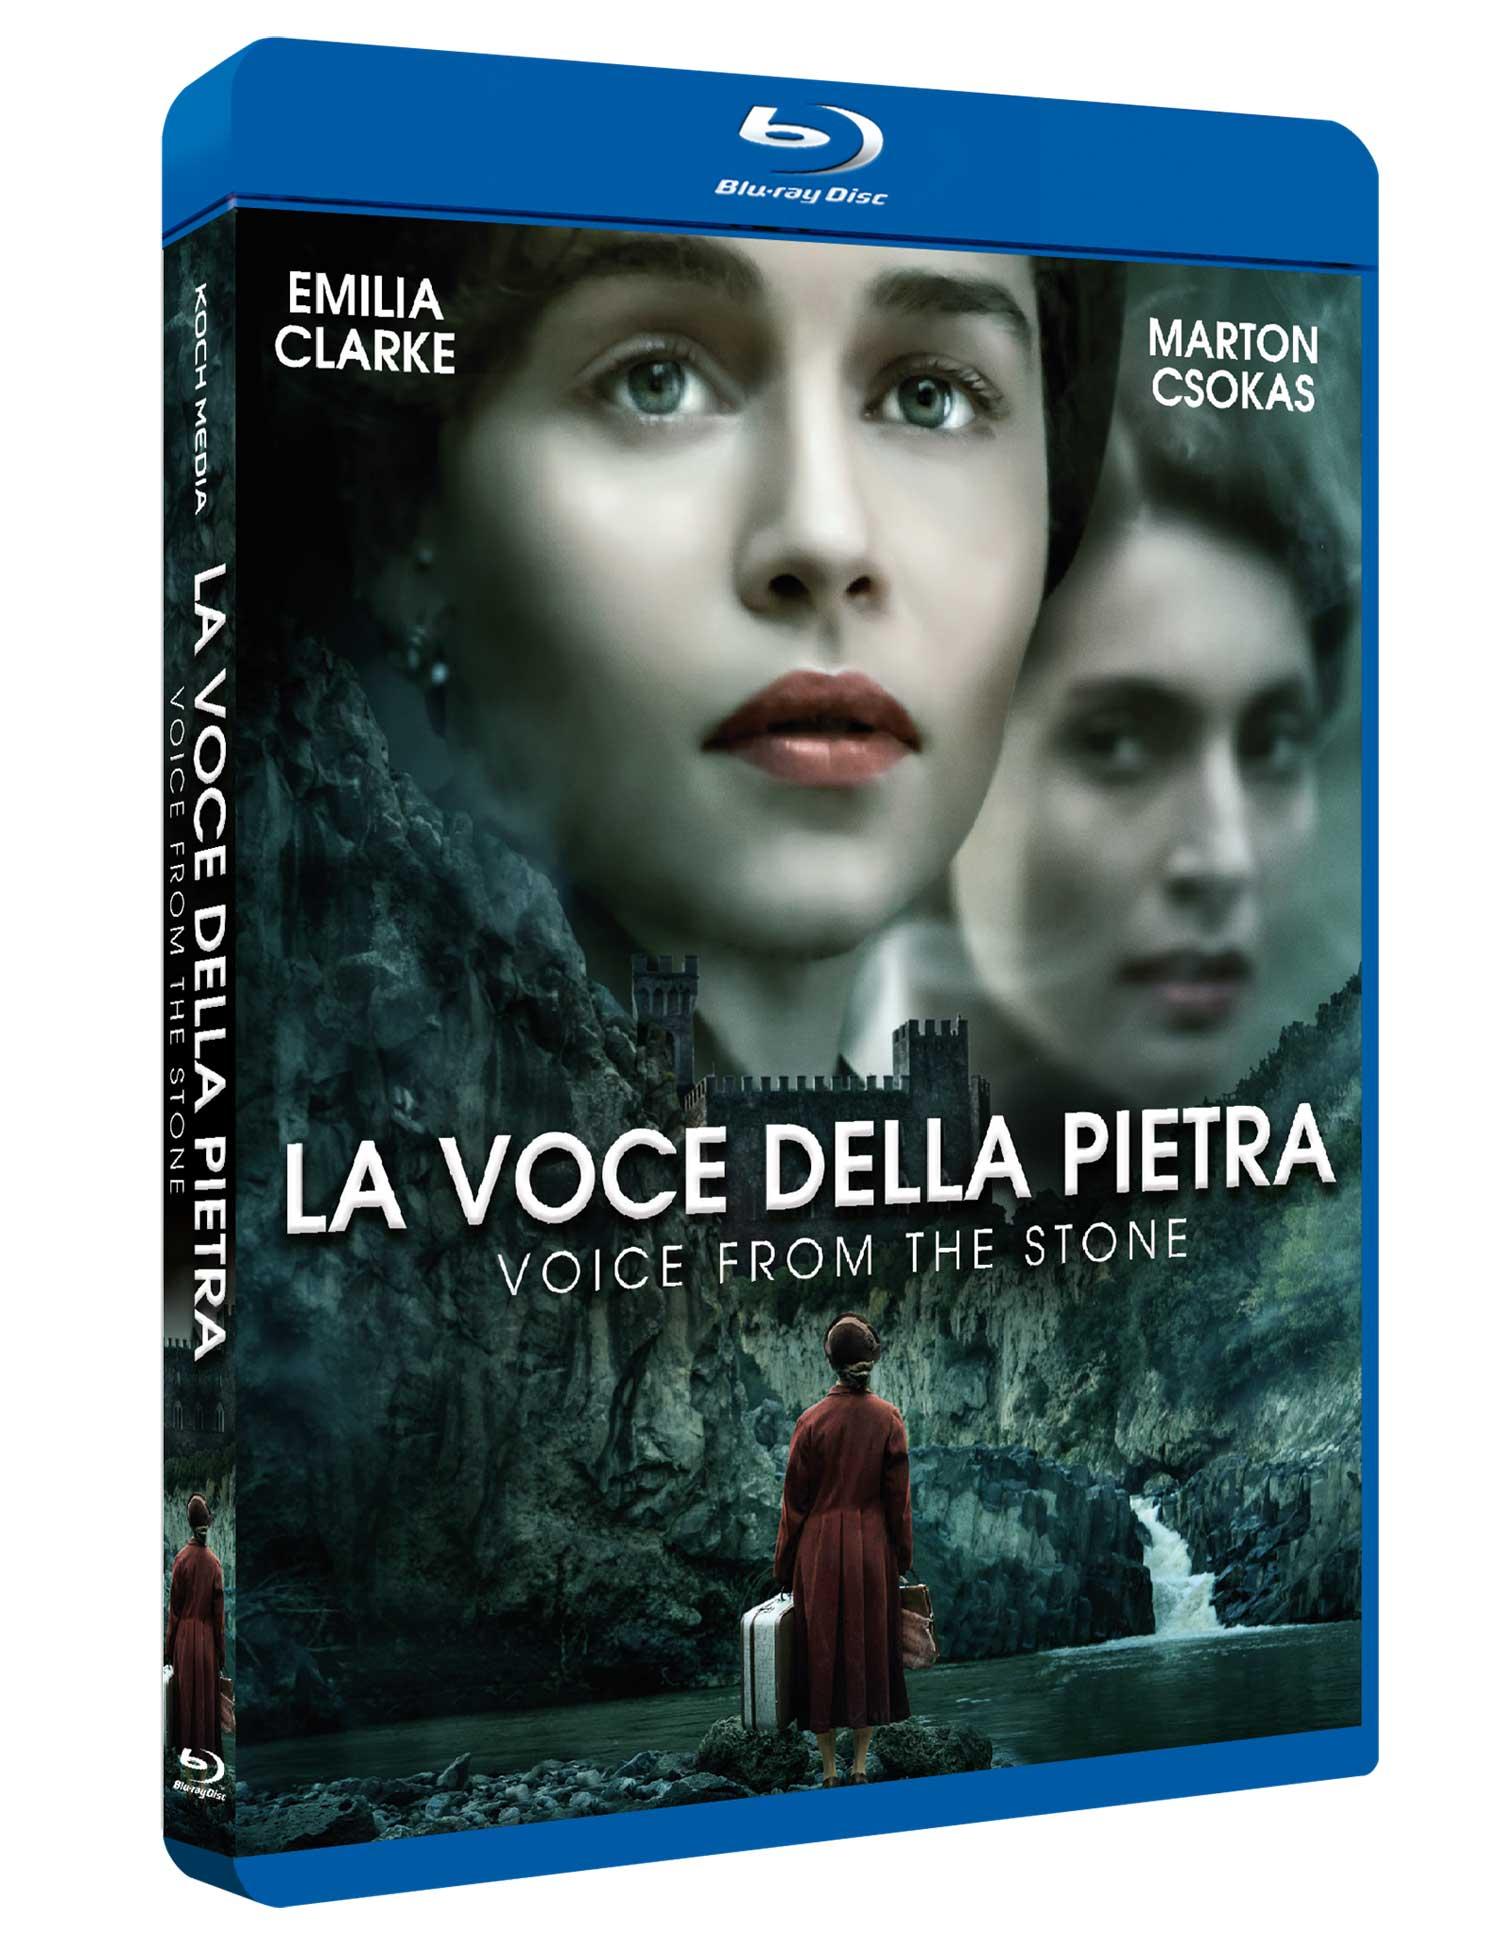 LA VOCE DELLA PIETRA - BLU RAY